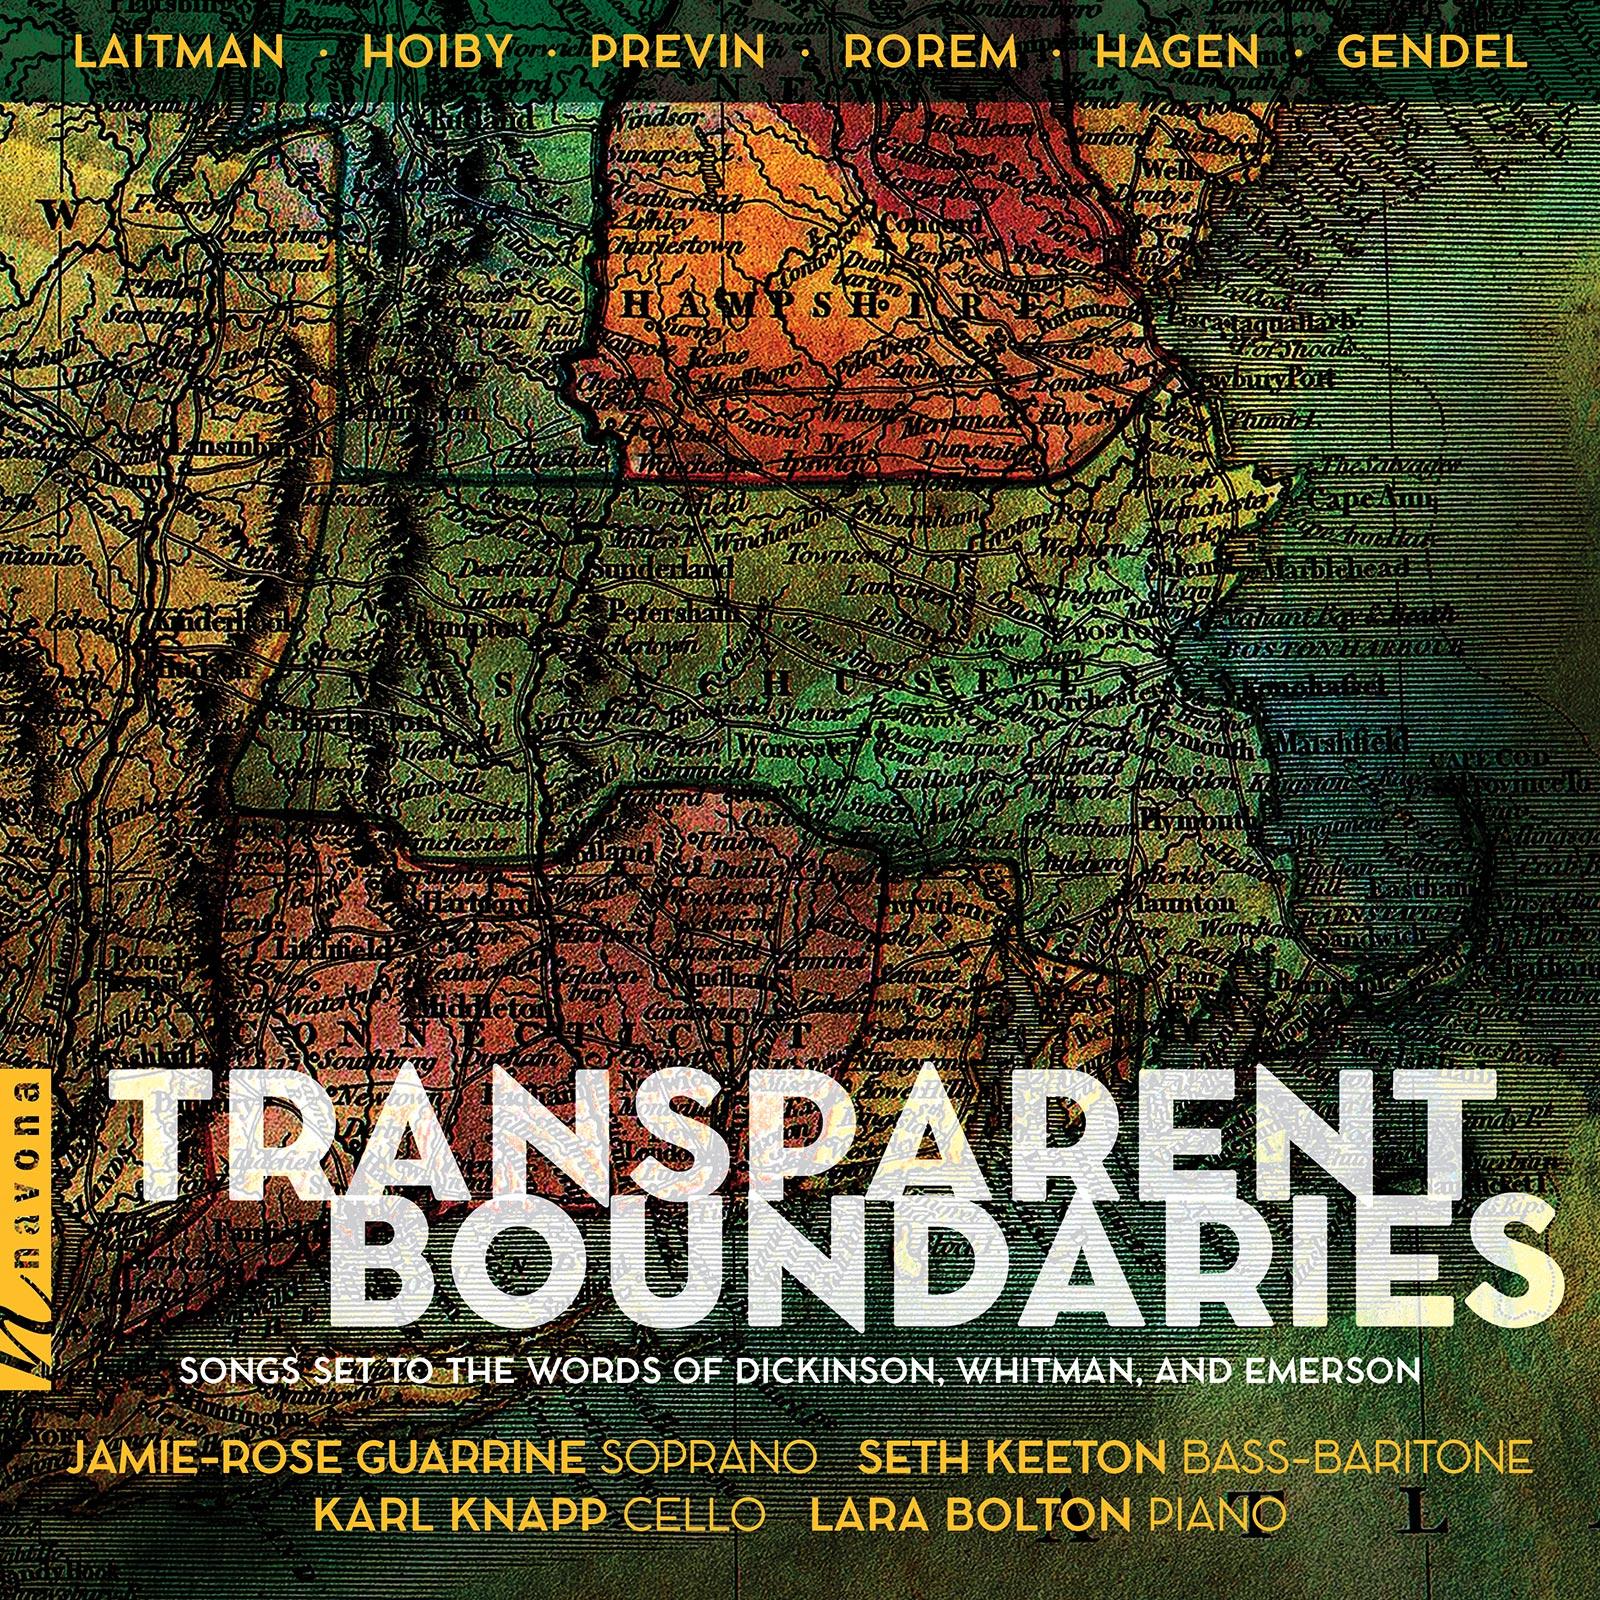 Transparent Boundaries